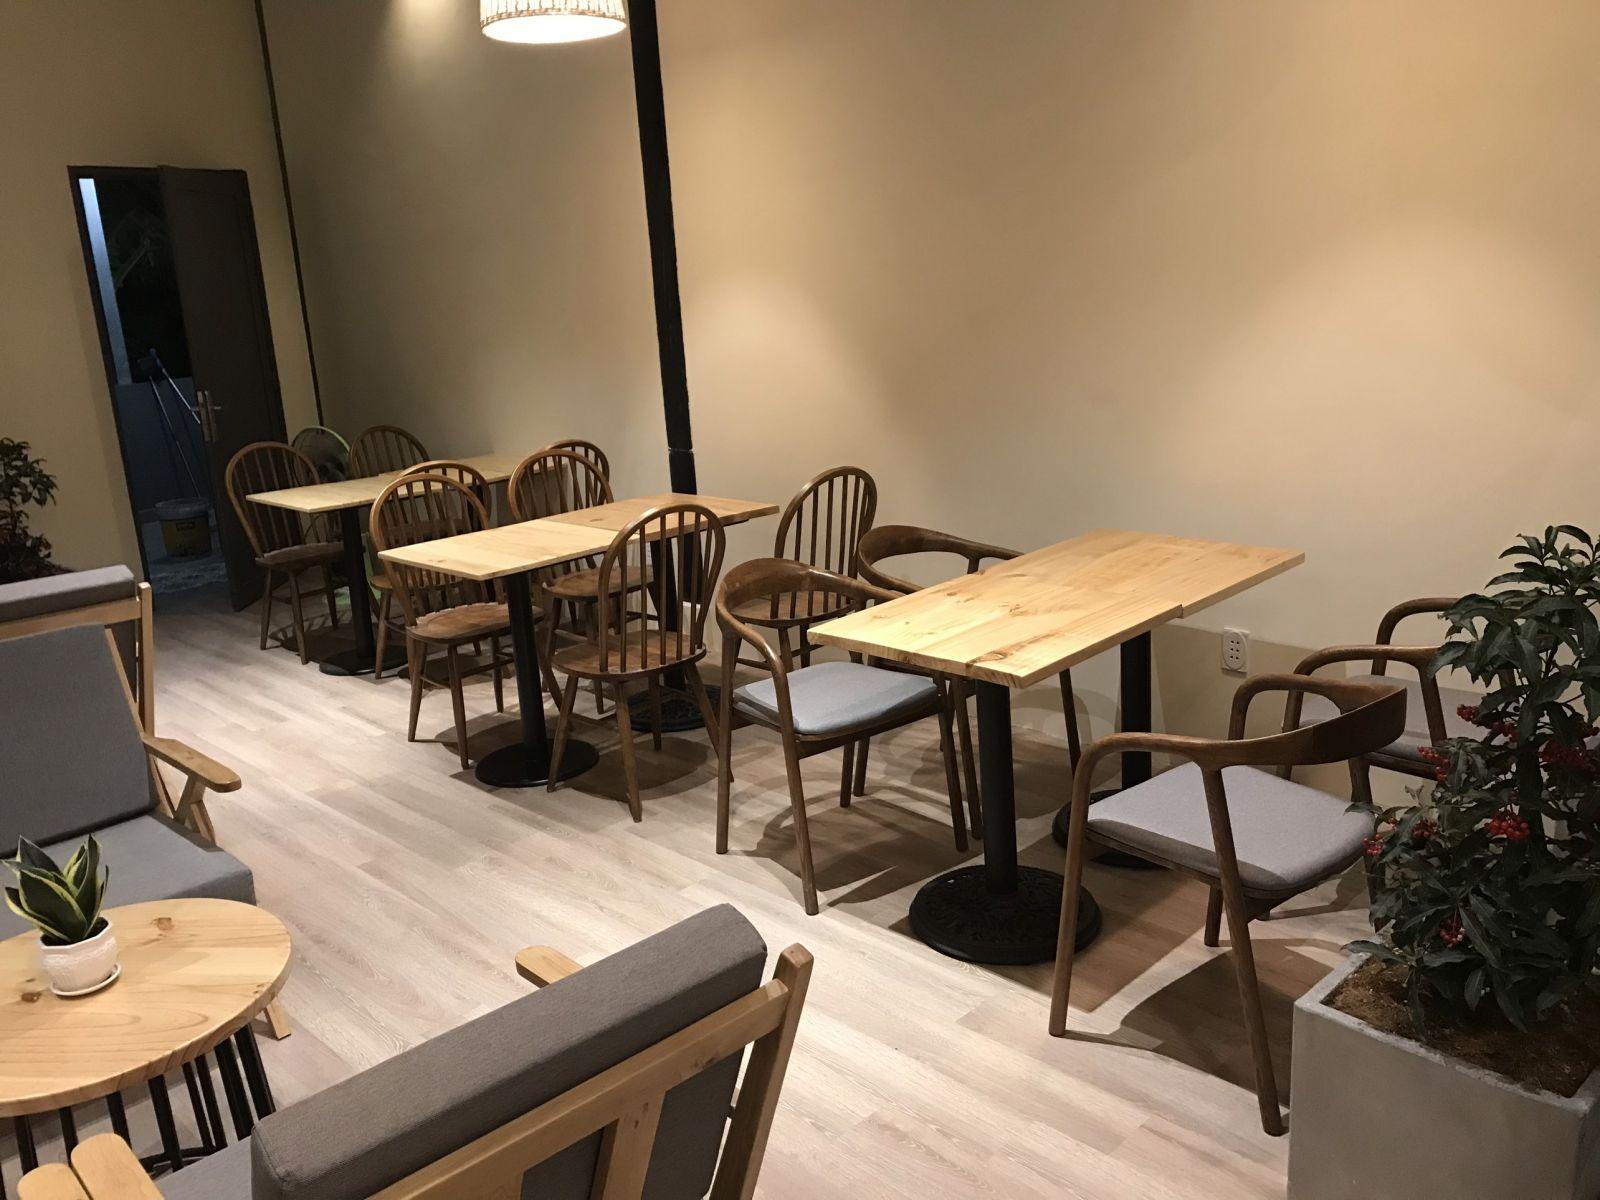 quan-cafe200m2-bom-bom-coffee-tien-giang-20